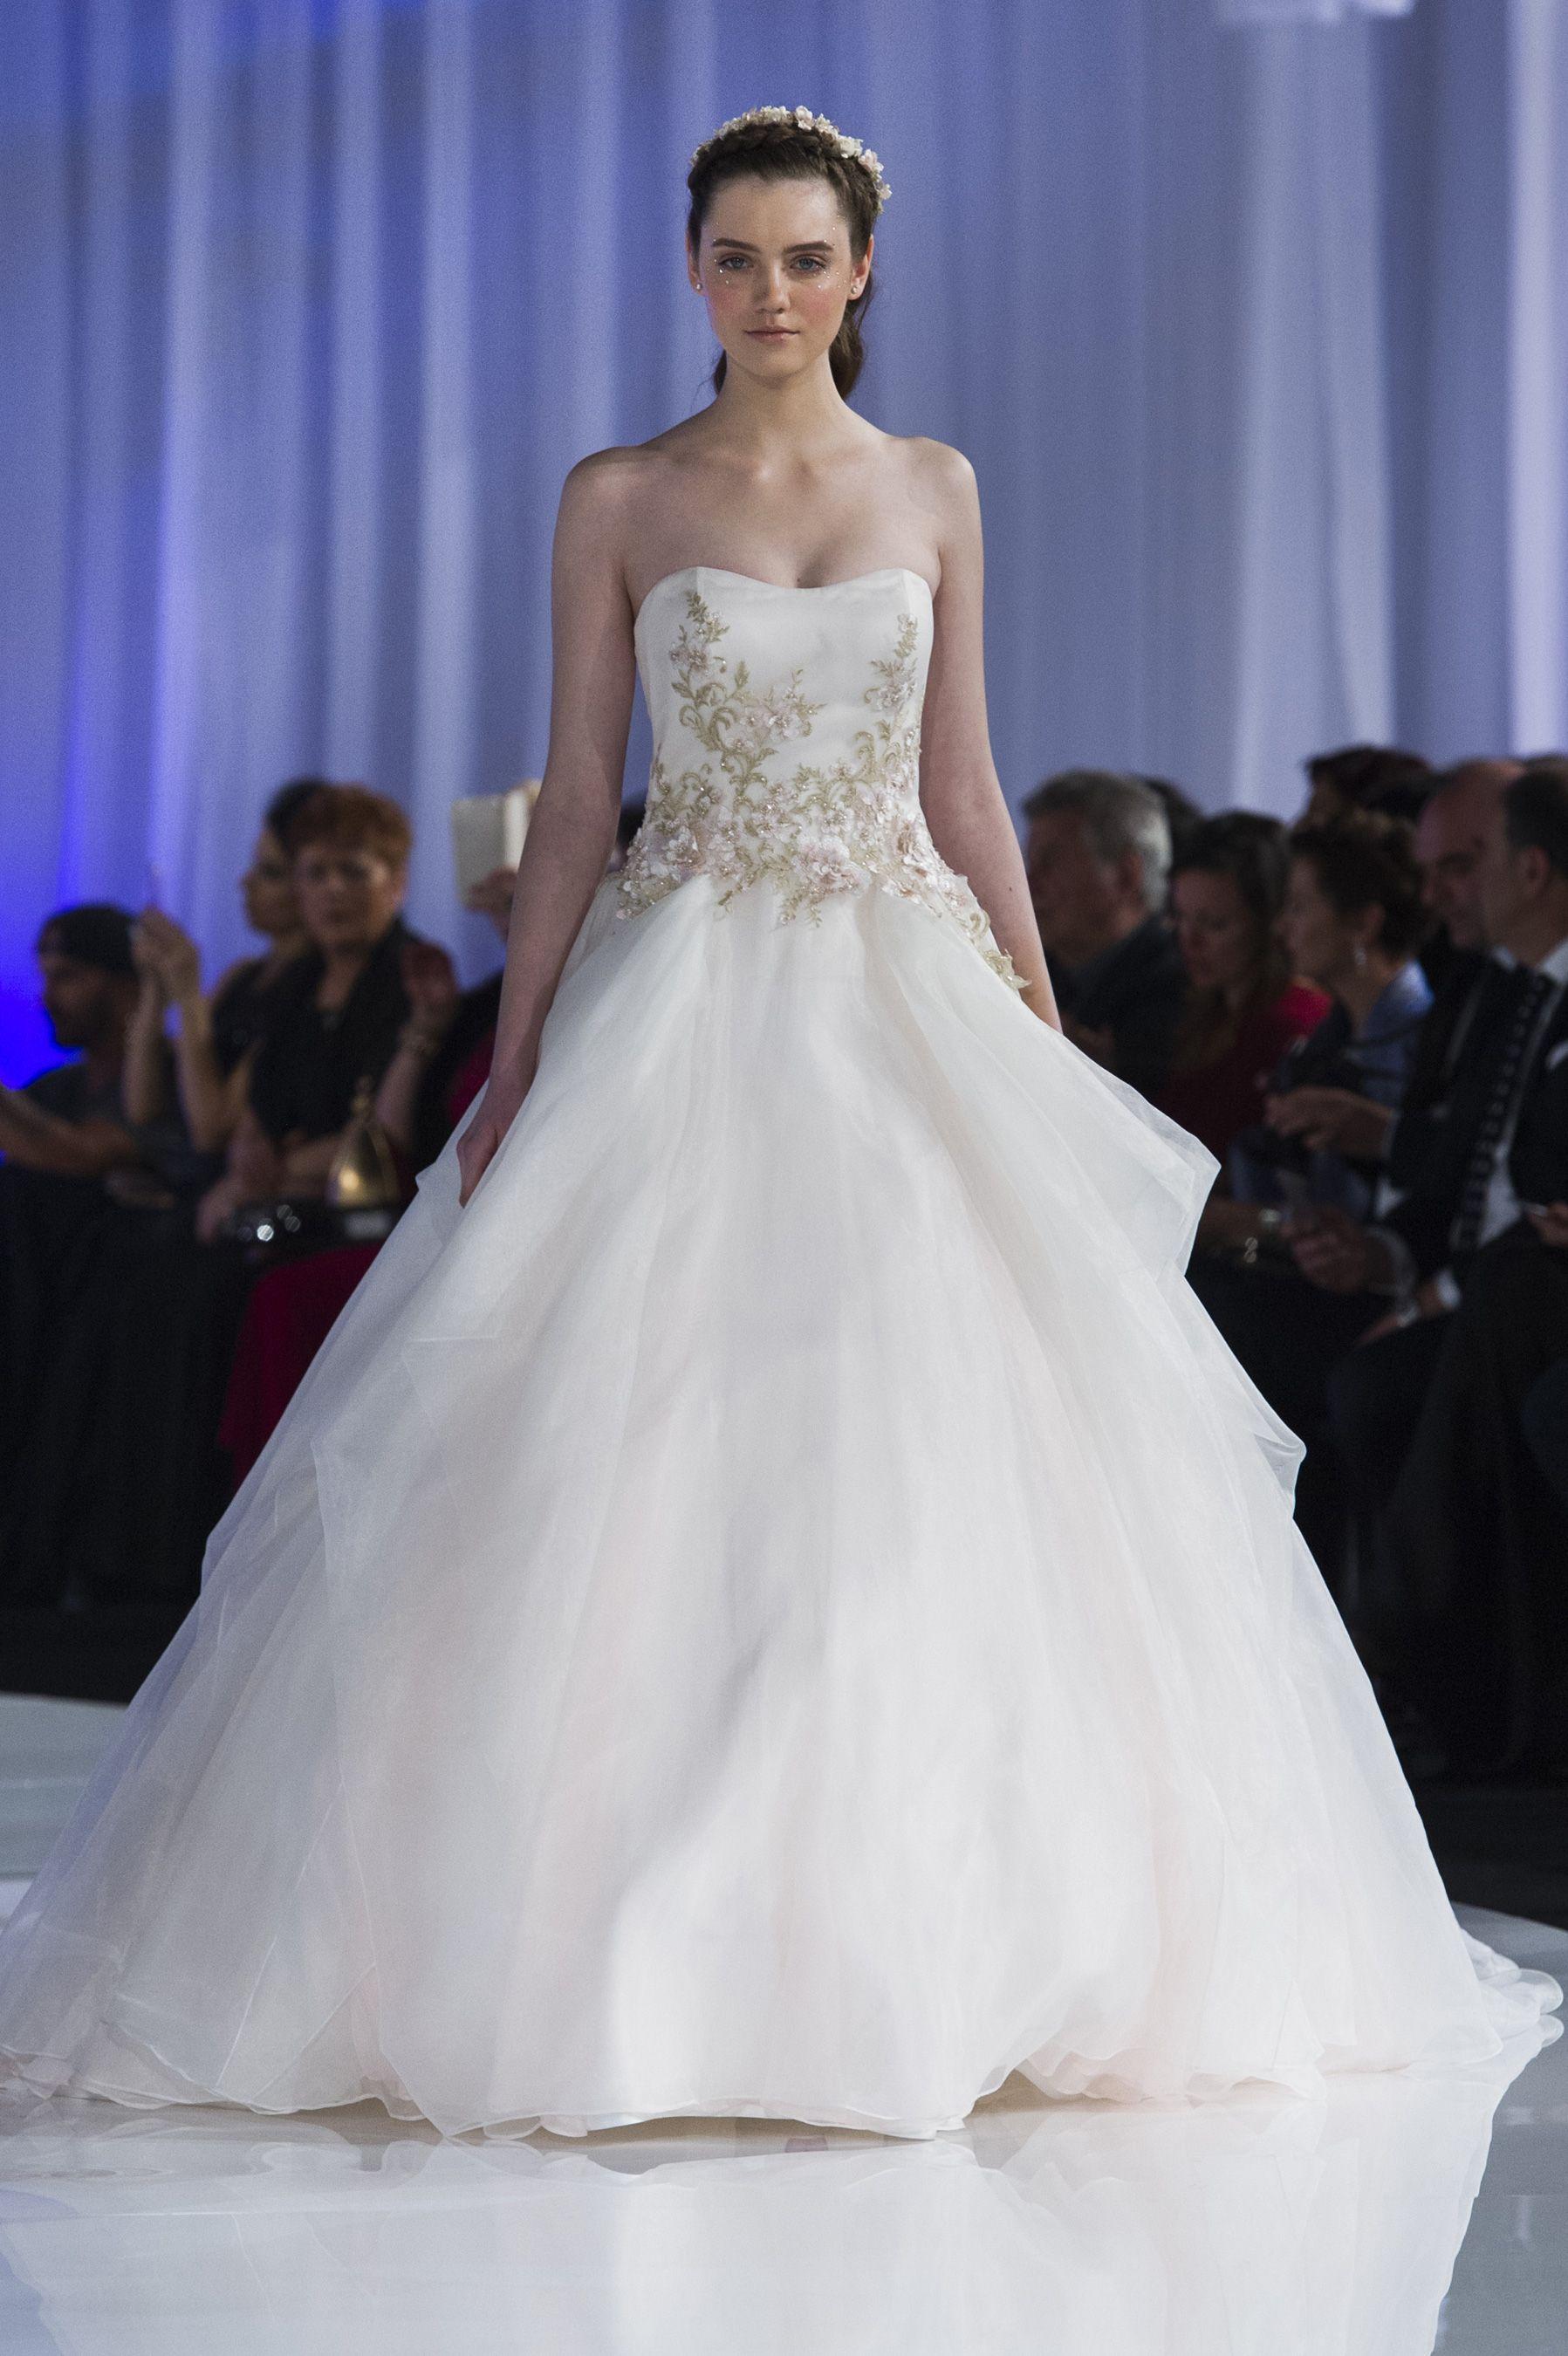 Nicole spring bridal fashion show the impression wedding